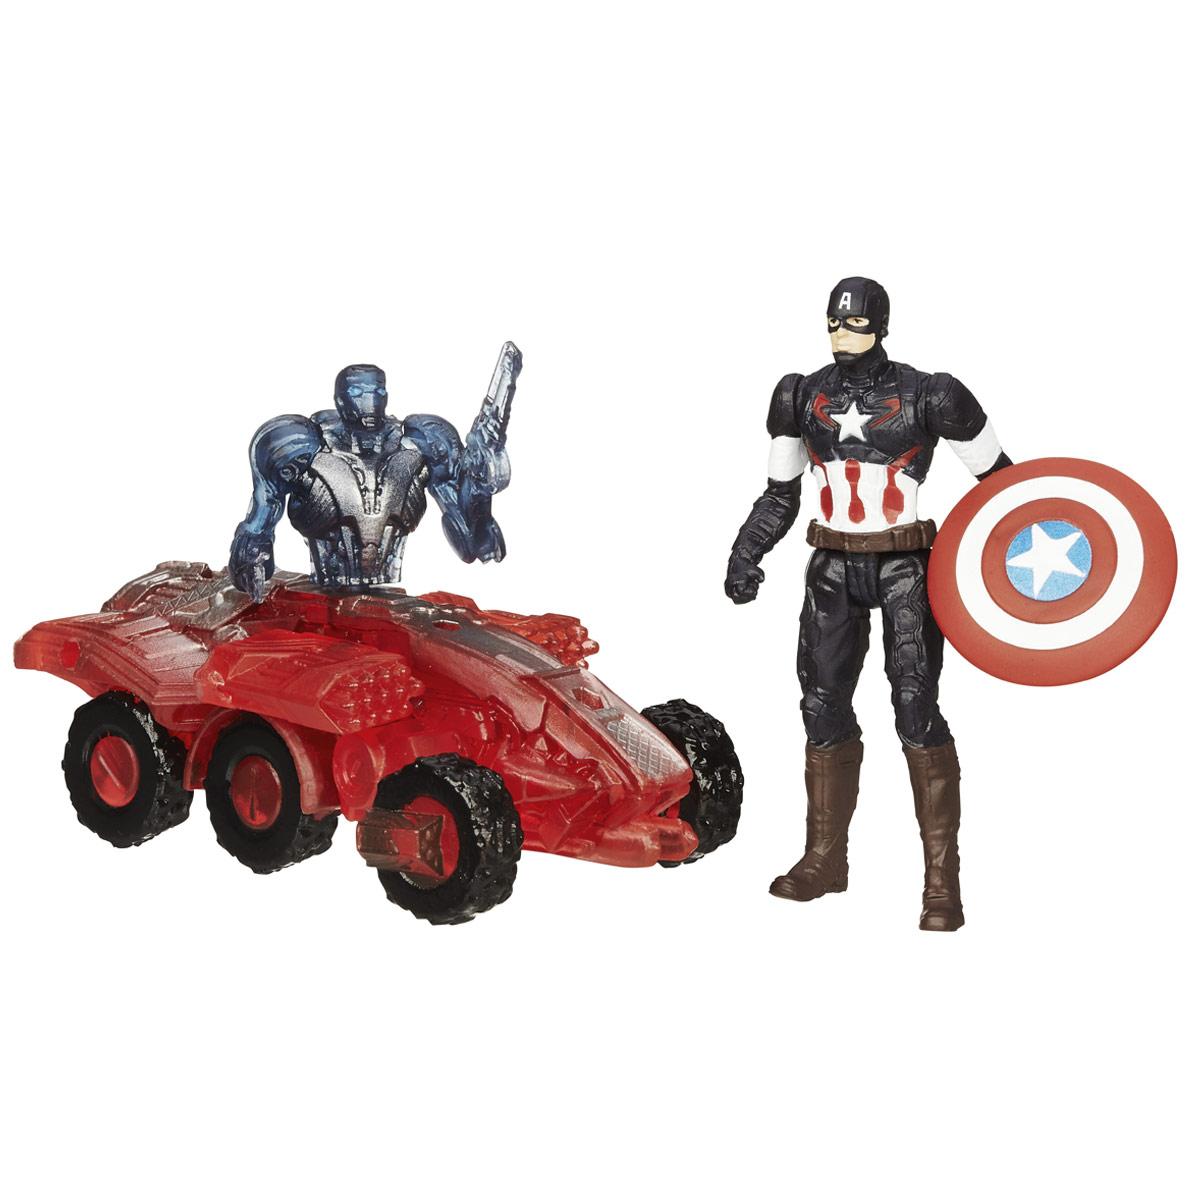 Мини-фигурка Avengers Captain America, с аксессуарамиB5768EU4_B1483Мини-фигурка Avengers Captain America непременно привлечет внимание вашего ребенка и не позволит ему скучать. Фигурка выполнена в виде супергероя Капитана Америки из команды Мстителей. В комплект также входят элементы для сборки фигурки Sub-Ultron 002. Фигурка выполнена из прочного безопасного пластика. Она в точности повторяет внешний вид героя фильма. Голова, руки и ноги фигурки подвижны, что позволяет придавать ей различные позы и открывает малышу неограниченный простор для игр. Соберите все мини-фигурки героев Marvel от Hasbro, и соедините фигурки Sub-Ultron в большого боевого робота! Небольшие размеры фигурки позволят ребенку брать ее с собой на прогулку и в гости, так что малышу не придется расставаться со своей игрушкой. Он проведет множество счастливых мгновений, играя с ней и придумывая различные истории.